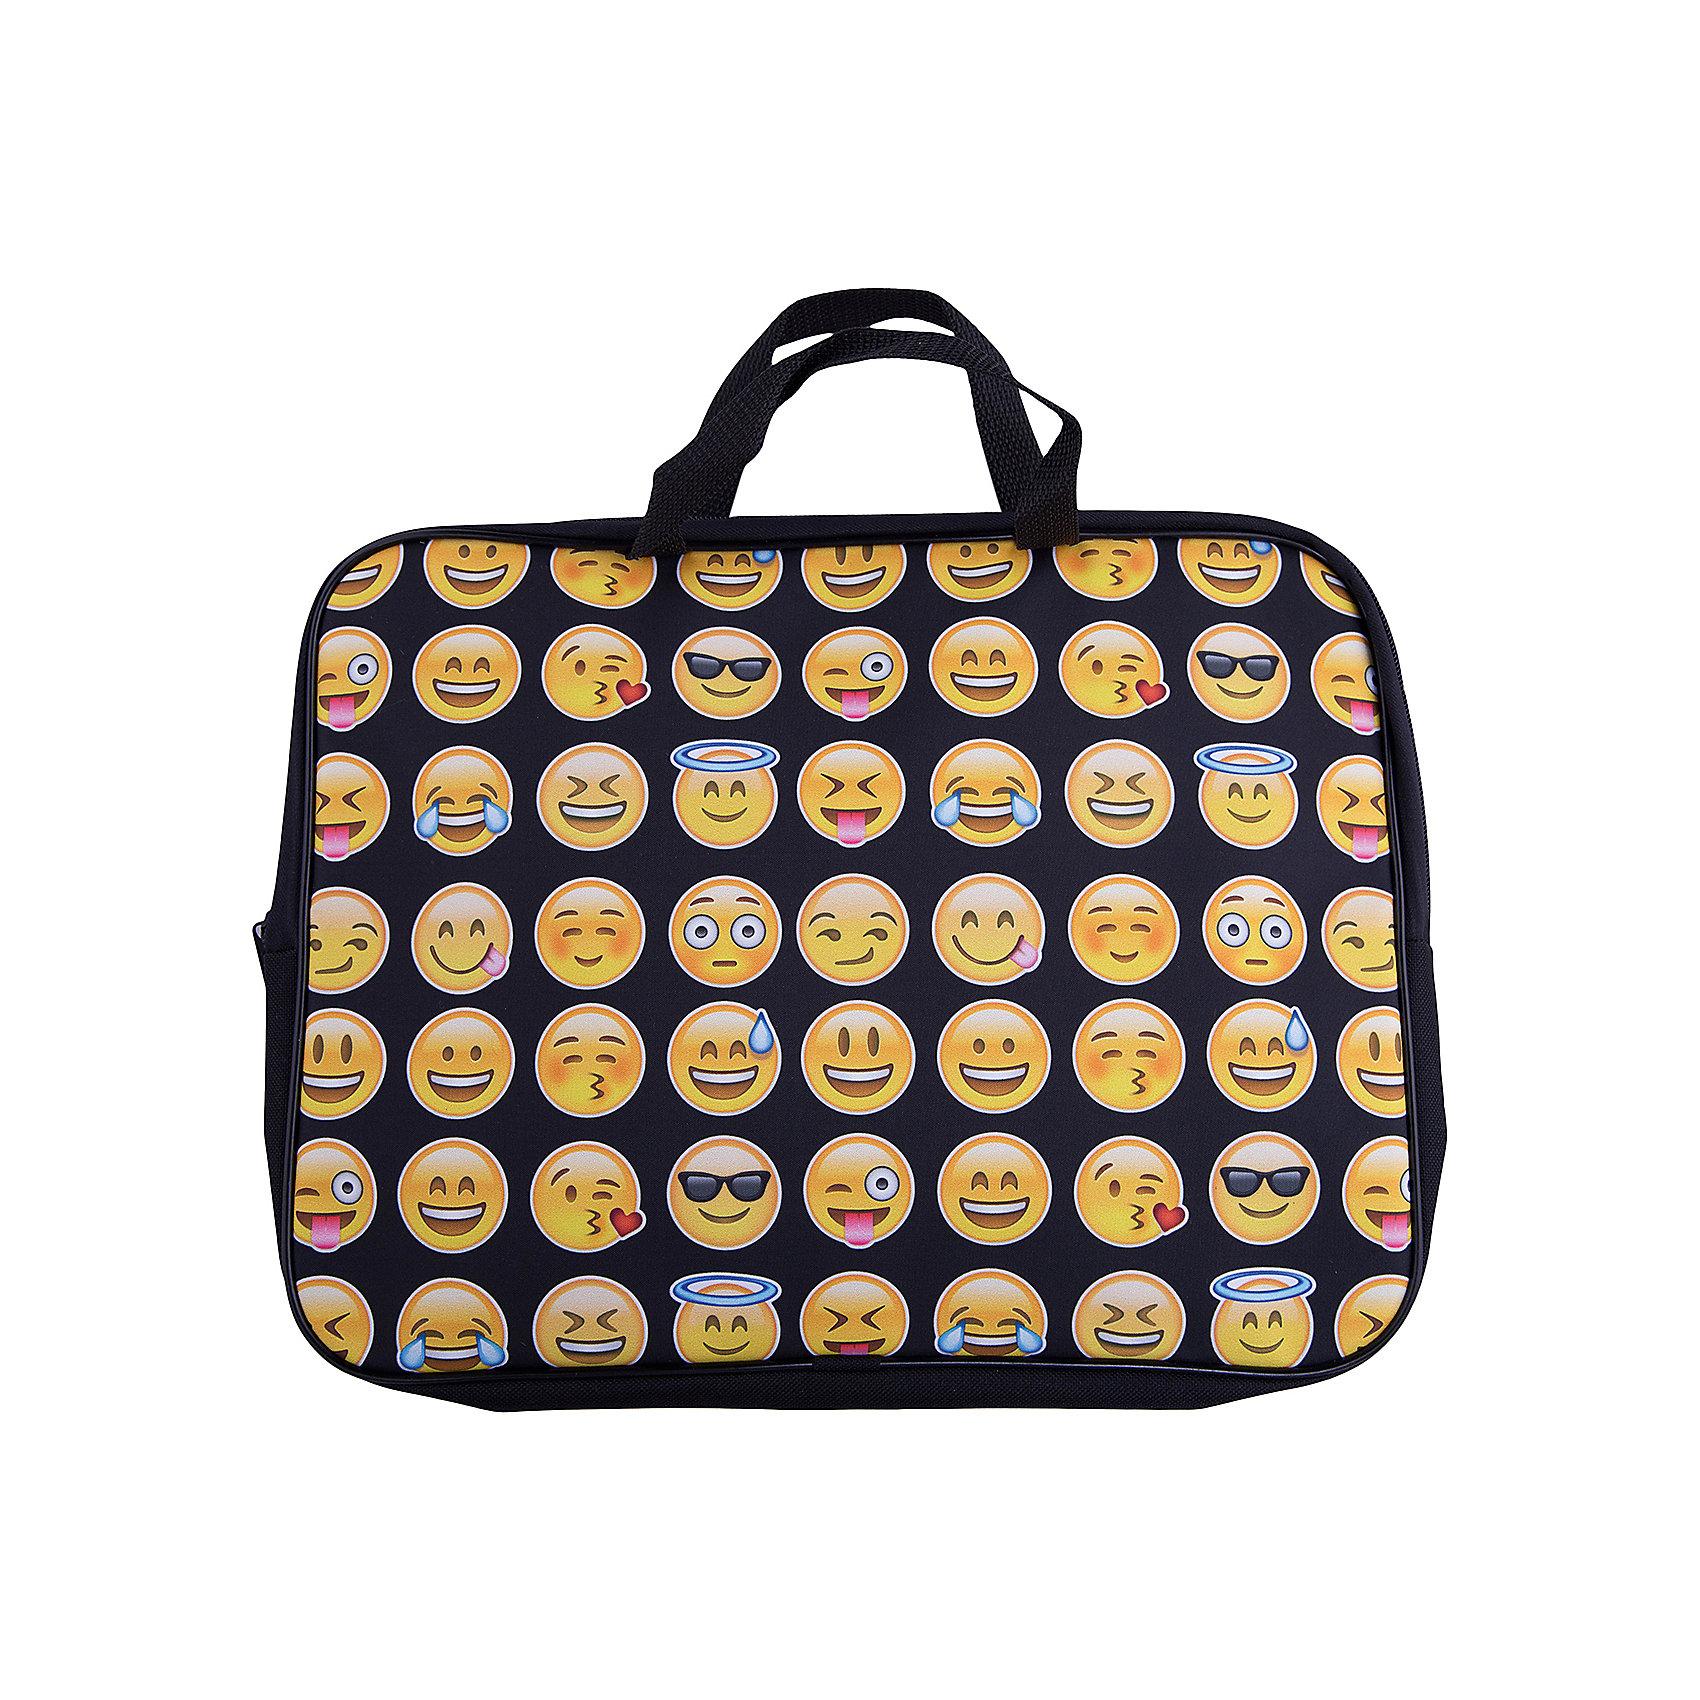 Centrum Папка -сумка Смайлы, текстиль, c ручками, формат А4Папки для дополнительных занятий<br>Папка-сумка Смайлы, текстильная, c ручками, формат А4<br><br>Ширина мм: 20<br>Глубина мм: 360<br>Высота мм: 290<br>Вес г: 160<br>Возраст от месяцев: 36<br>Возраст до месяцев: 2147483647<br>Пол: Унисекс<br>Возраст: Детский<br>SKU: 6842122